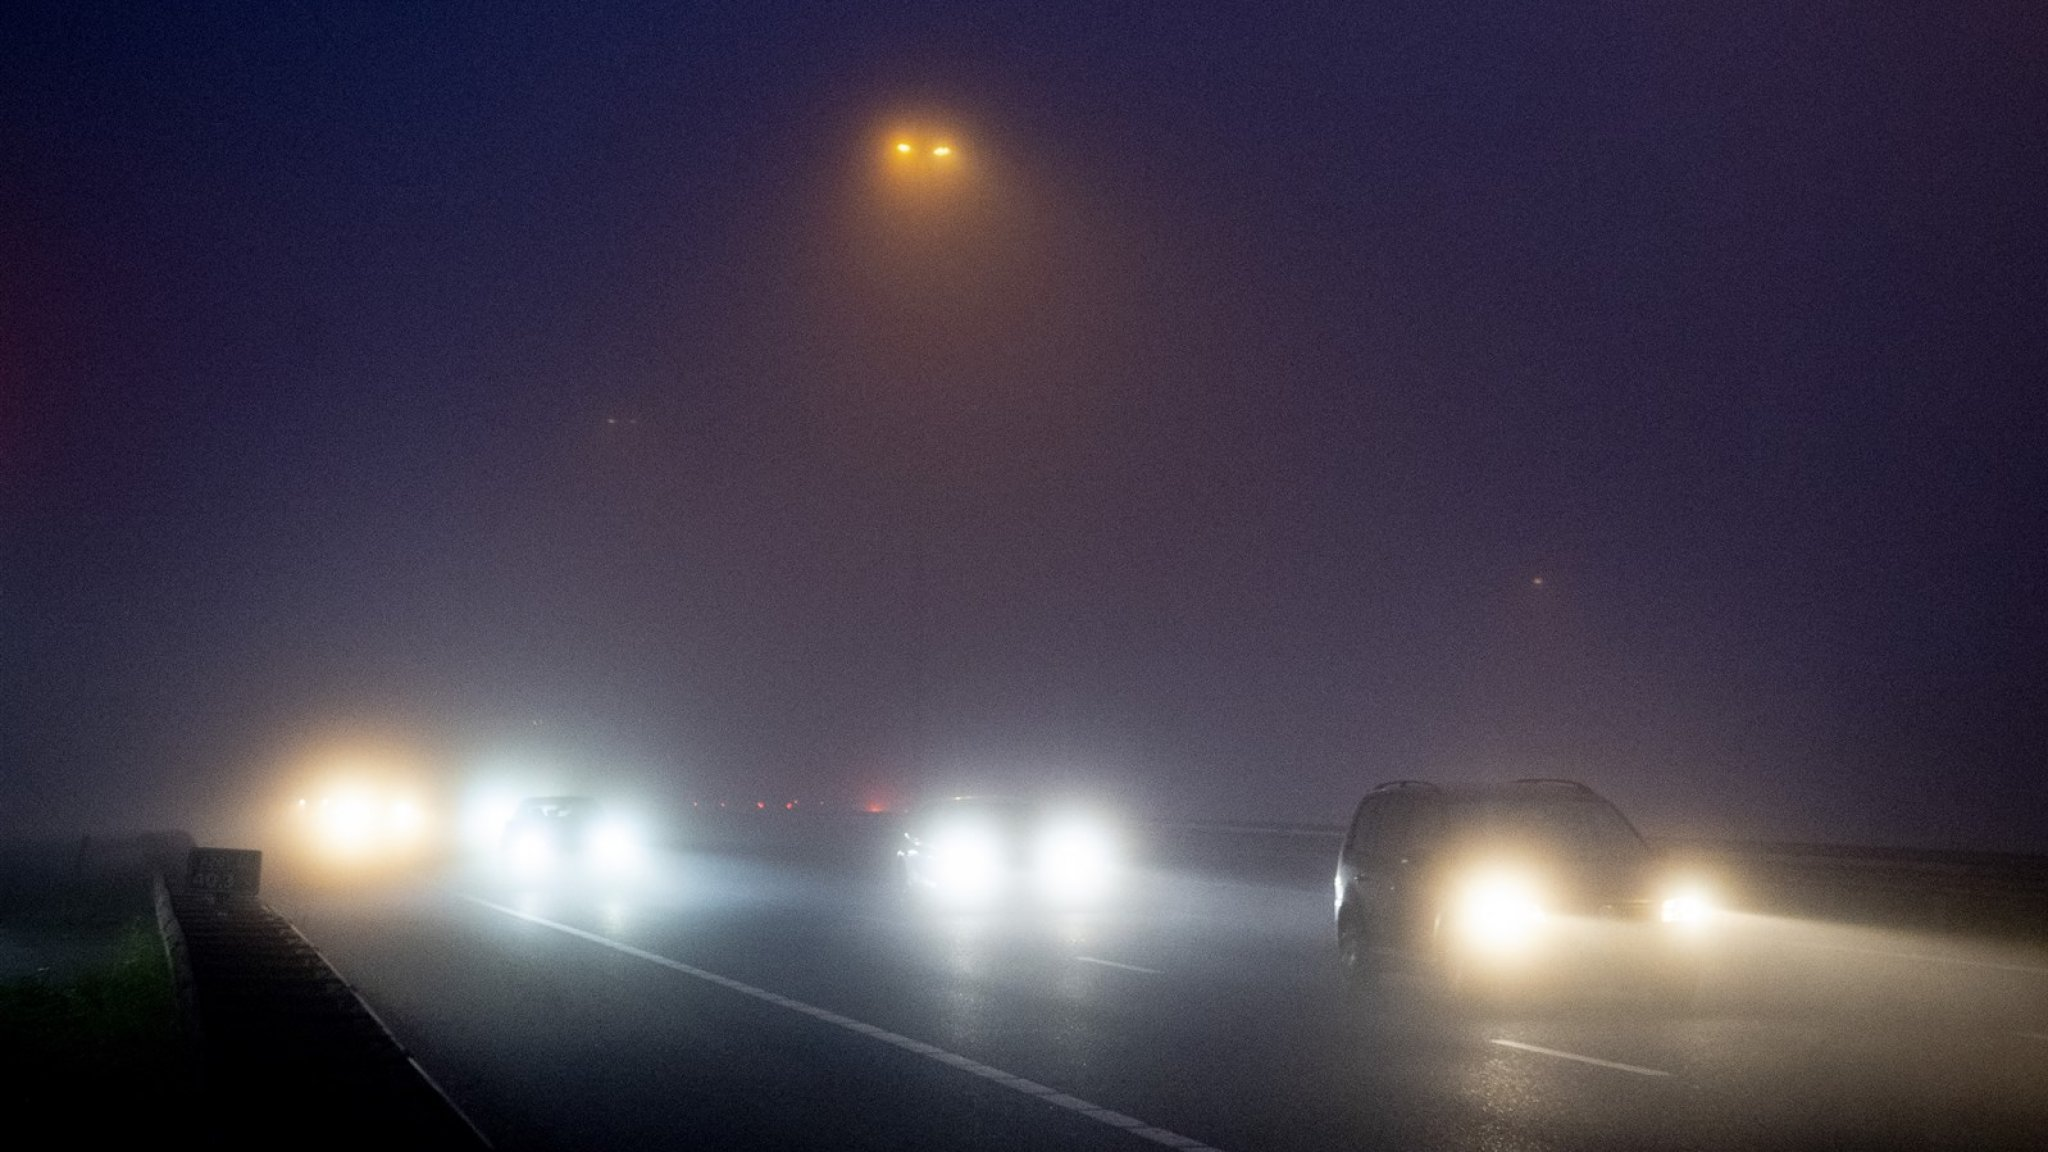 KNMI: code geel in bijna het hele land om dichte mist - RTL Nieuws